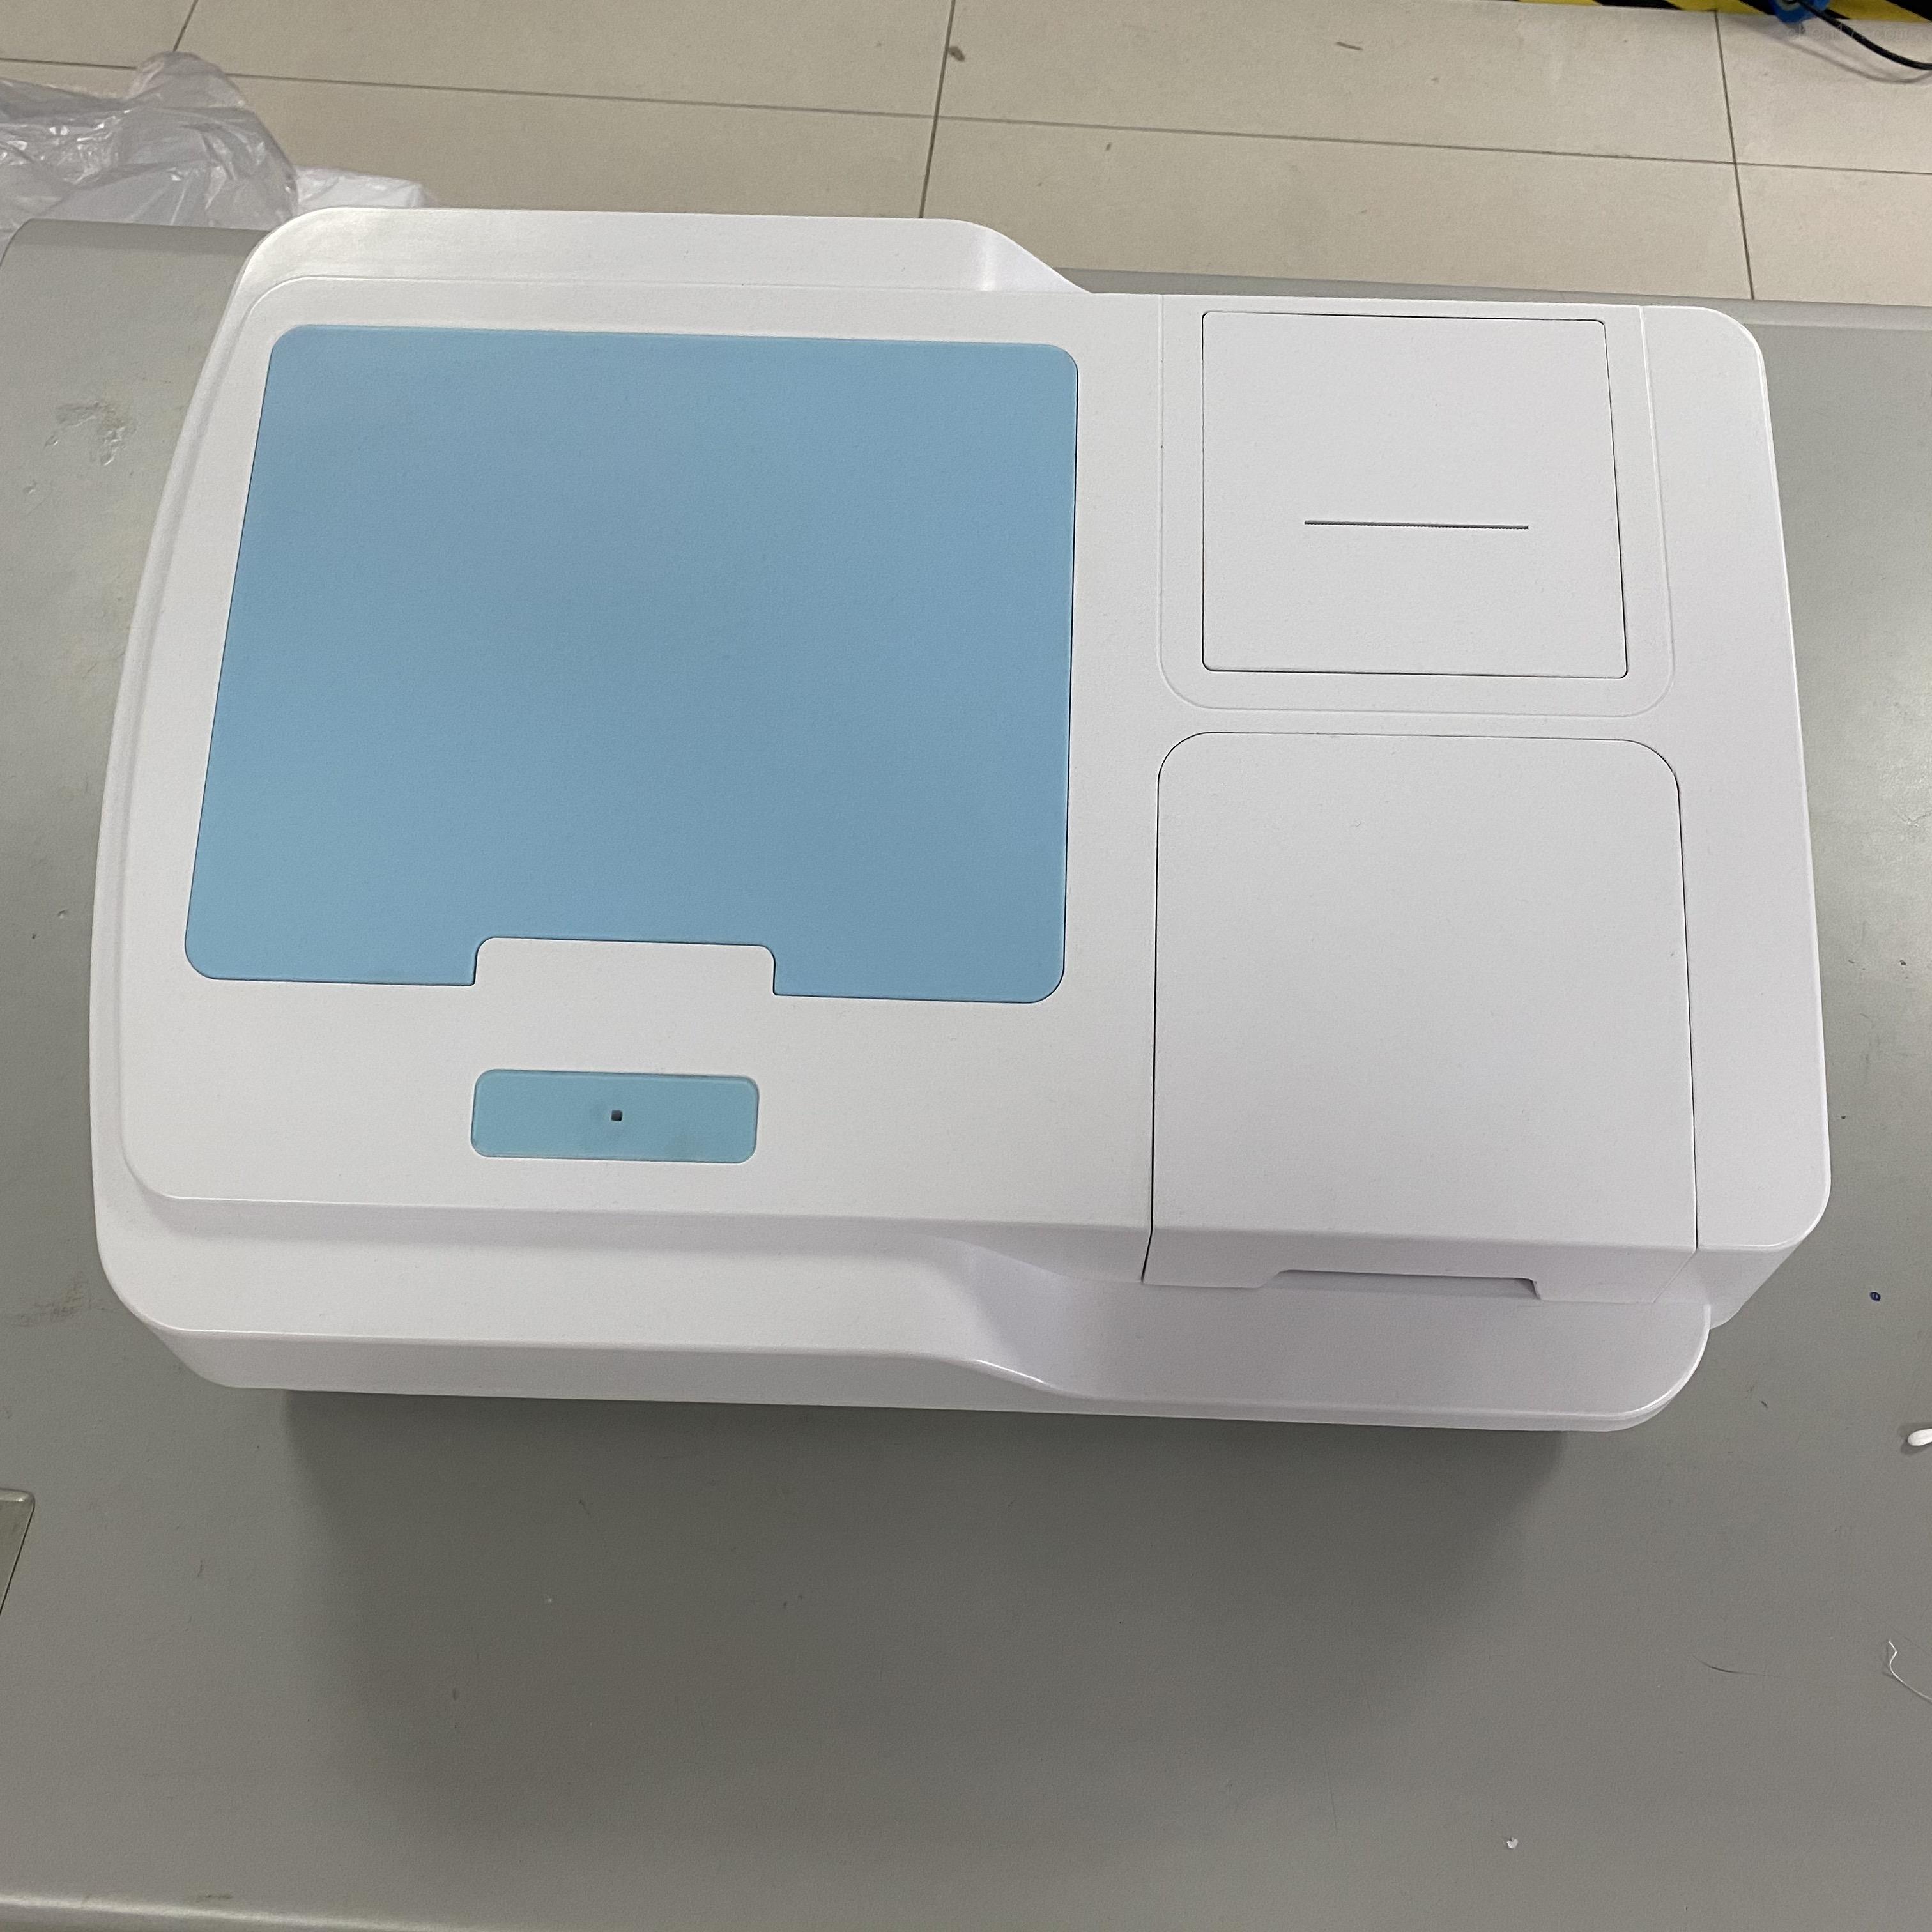 化妆品检测酶标仪